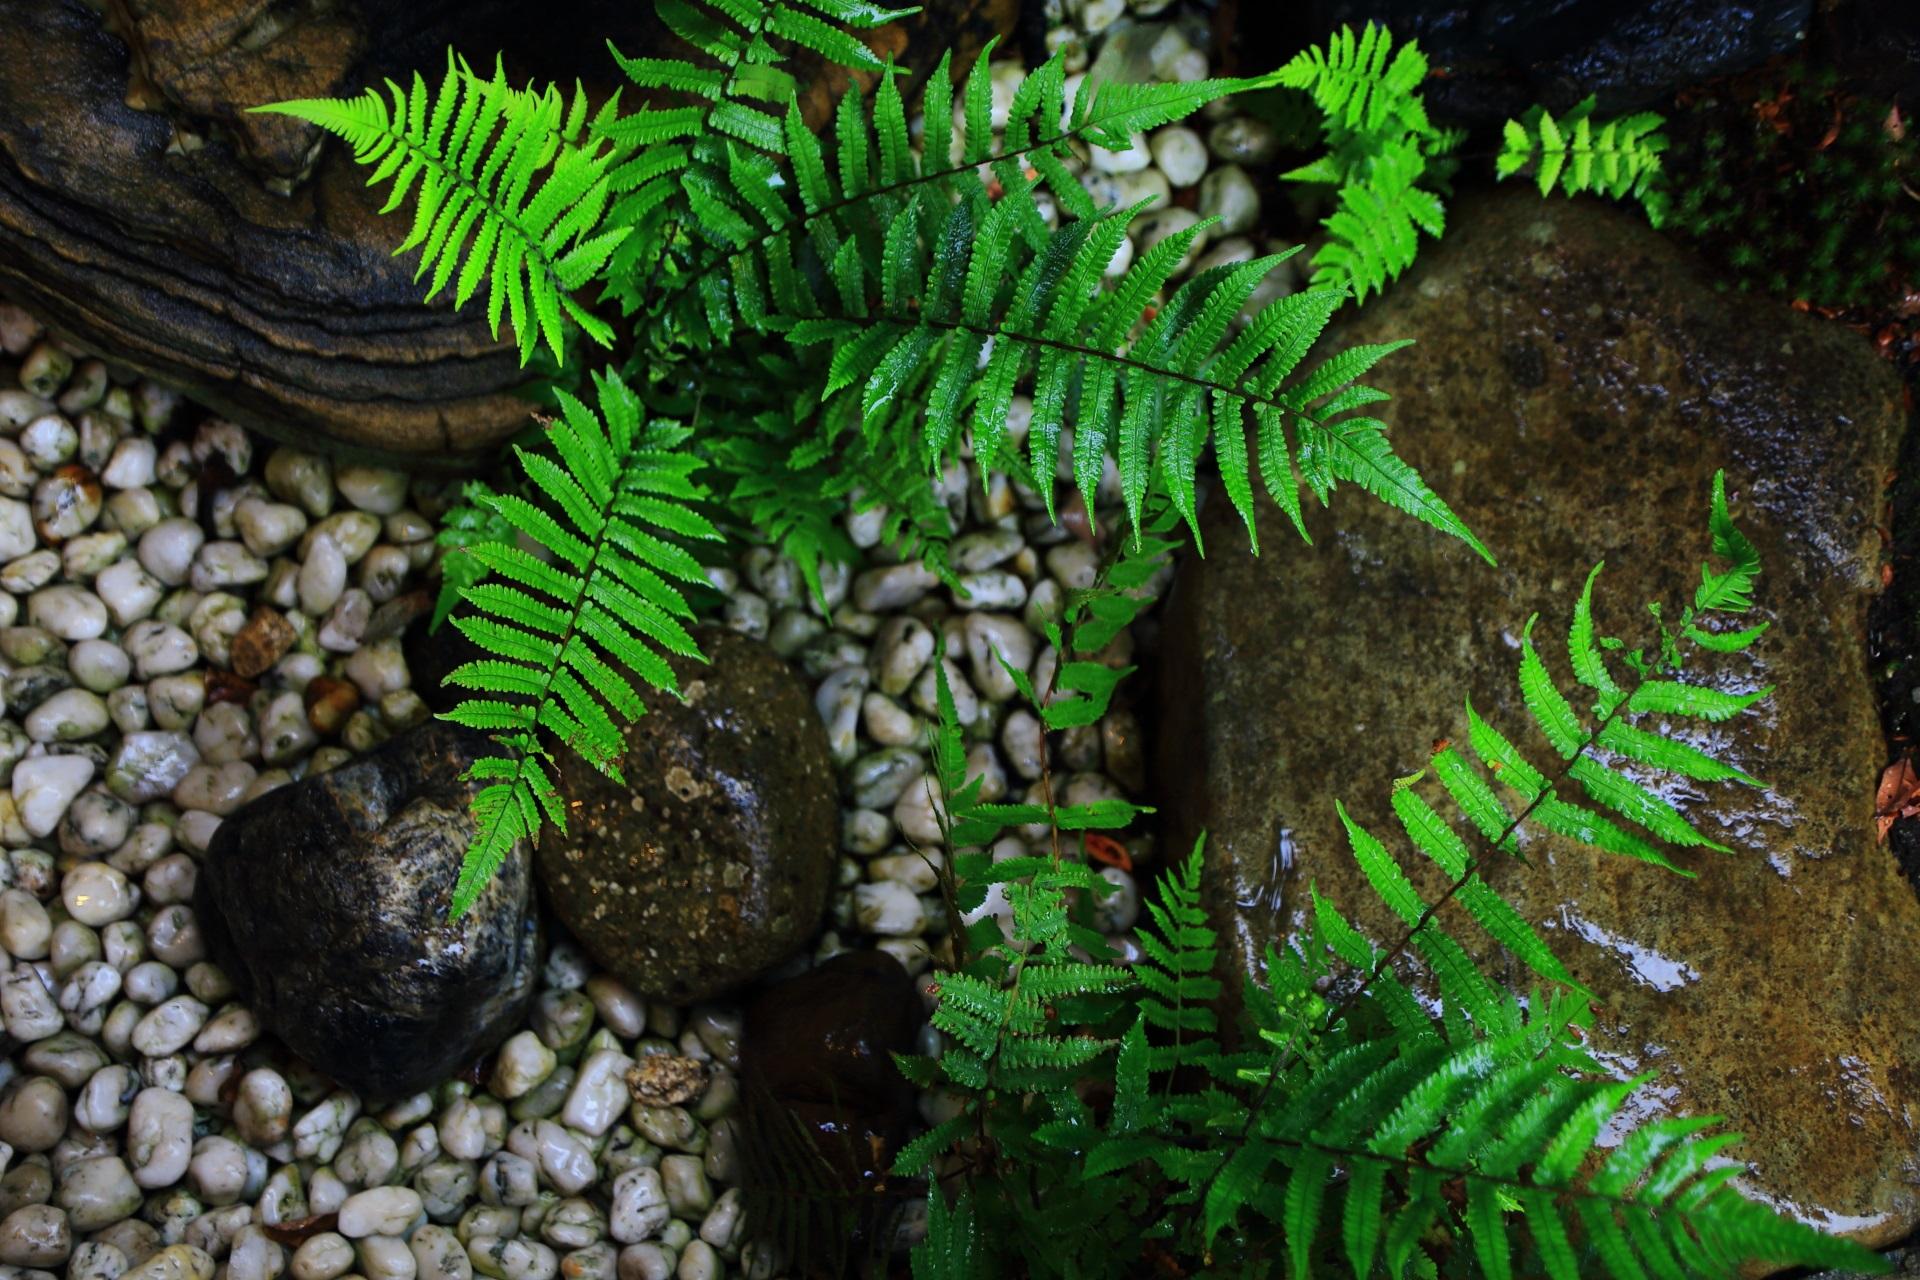 観智院の雨で輝く茶庭の緑